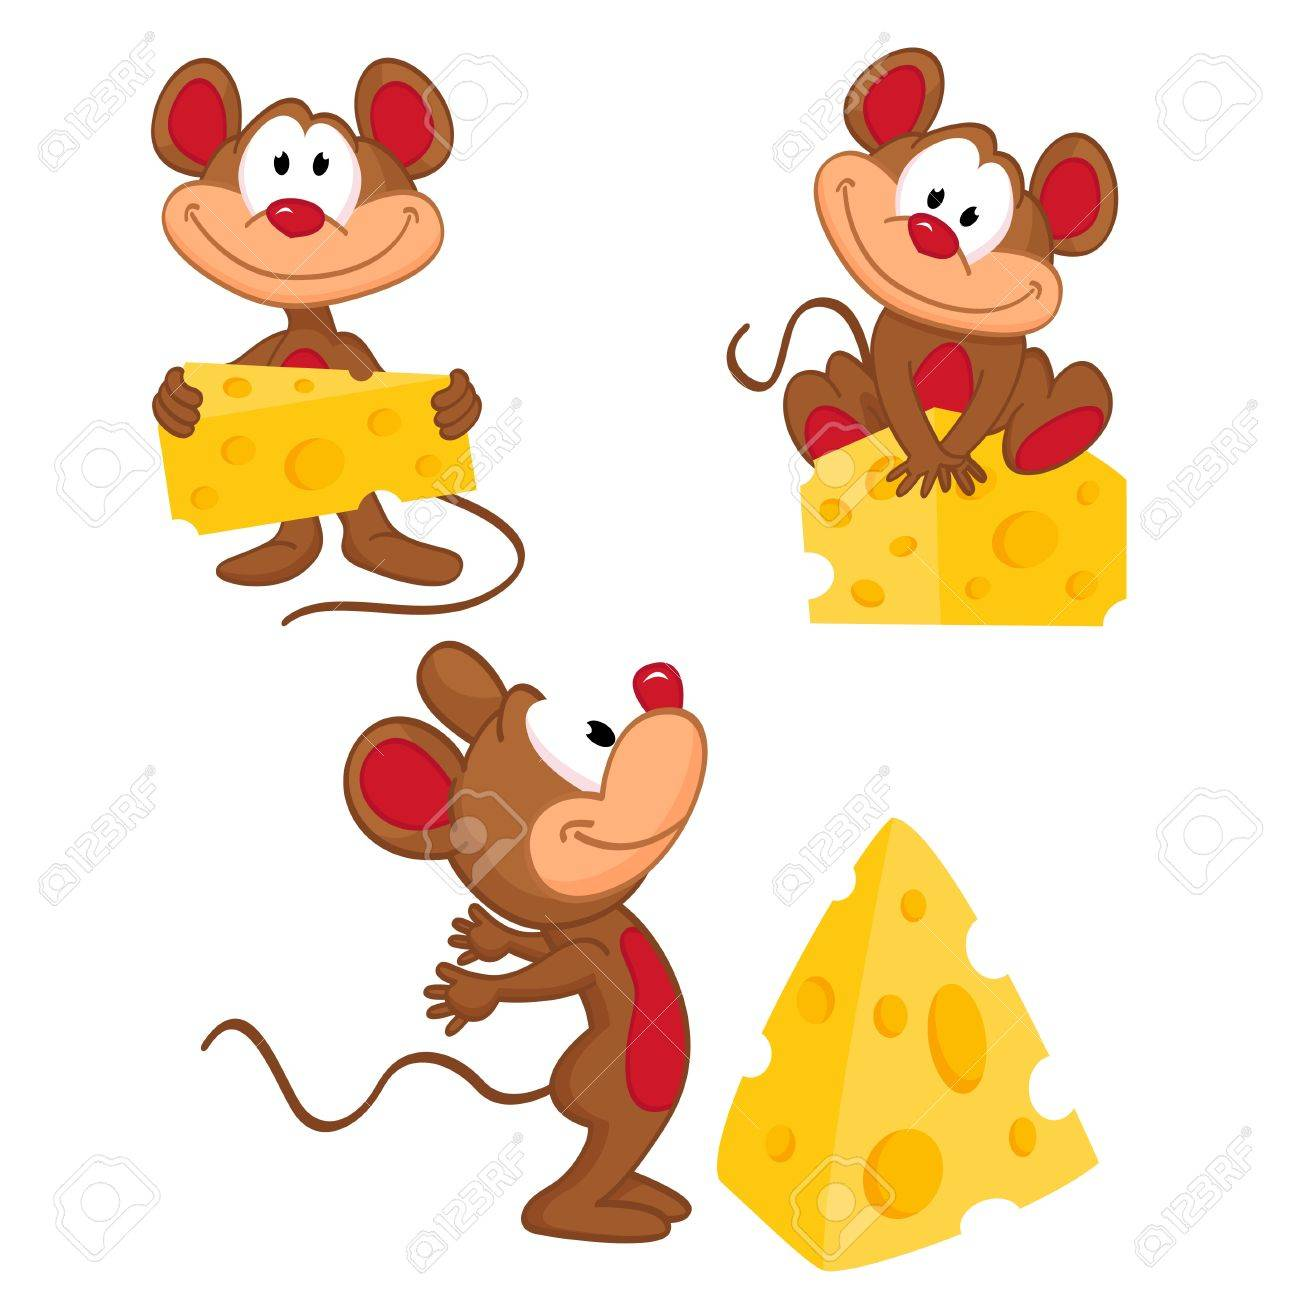 Maus und Käse in einer Vielzahl von Aktionen - Vektor-Illustration Standard-Bild - 20069490